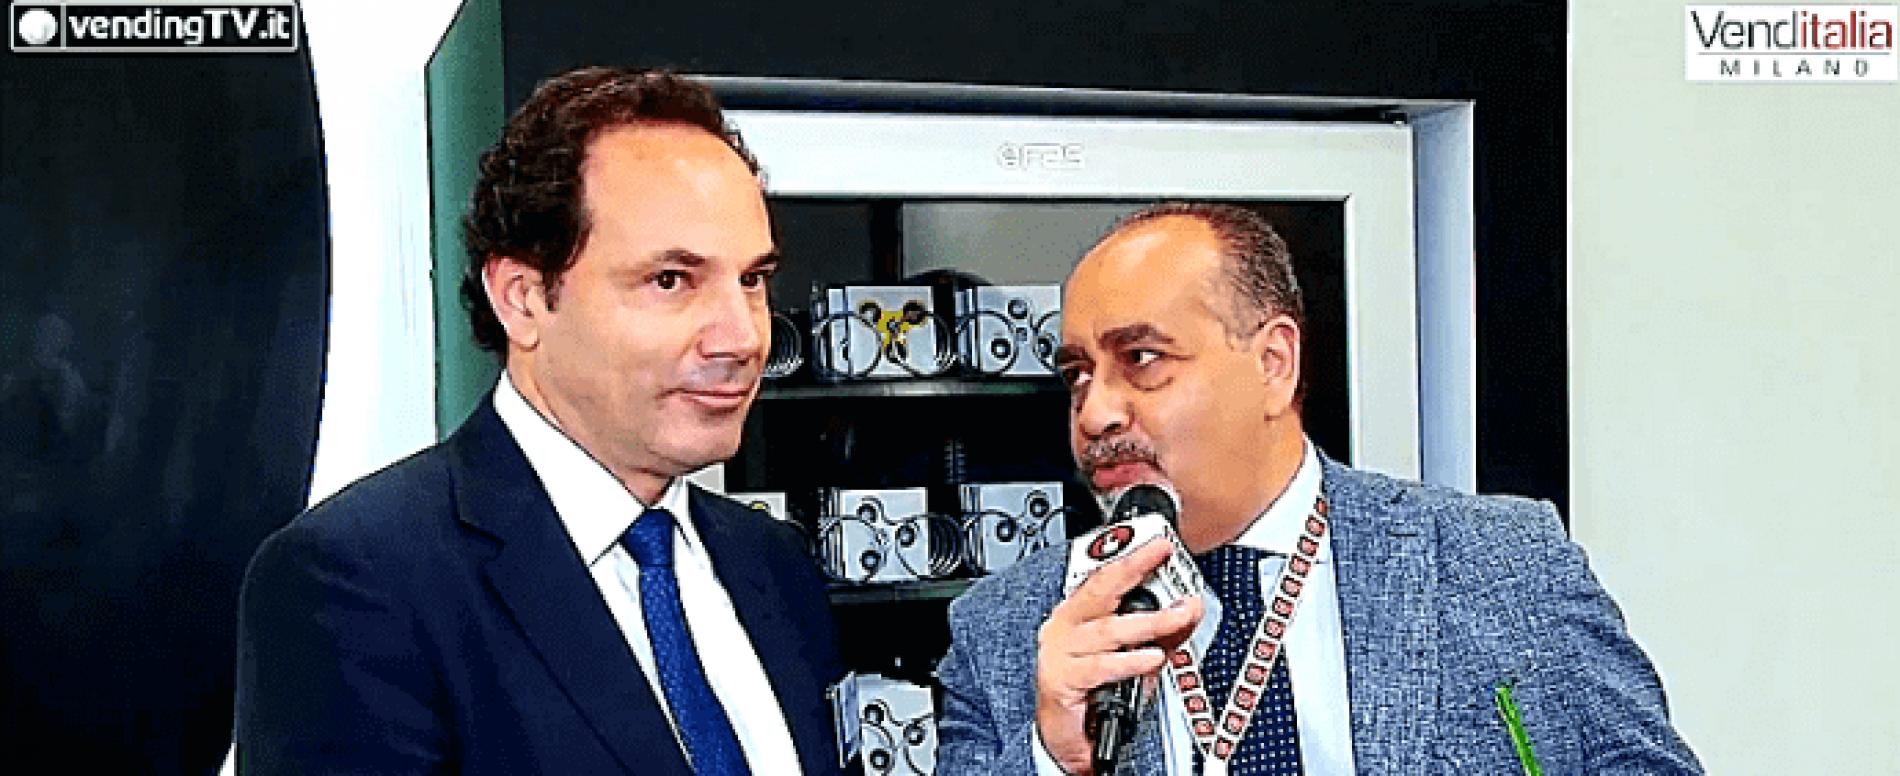 Venditalia 2018. Intervista con Gianmarco Broggini di Paytec